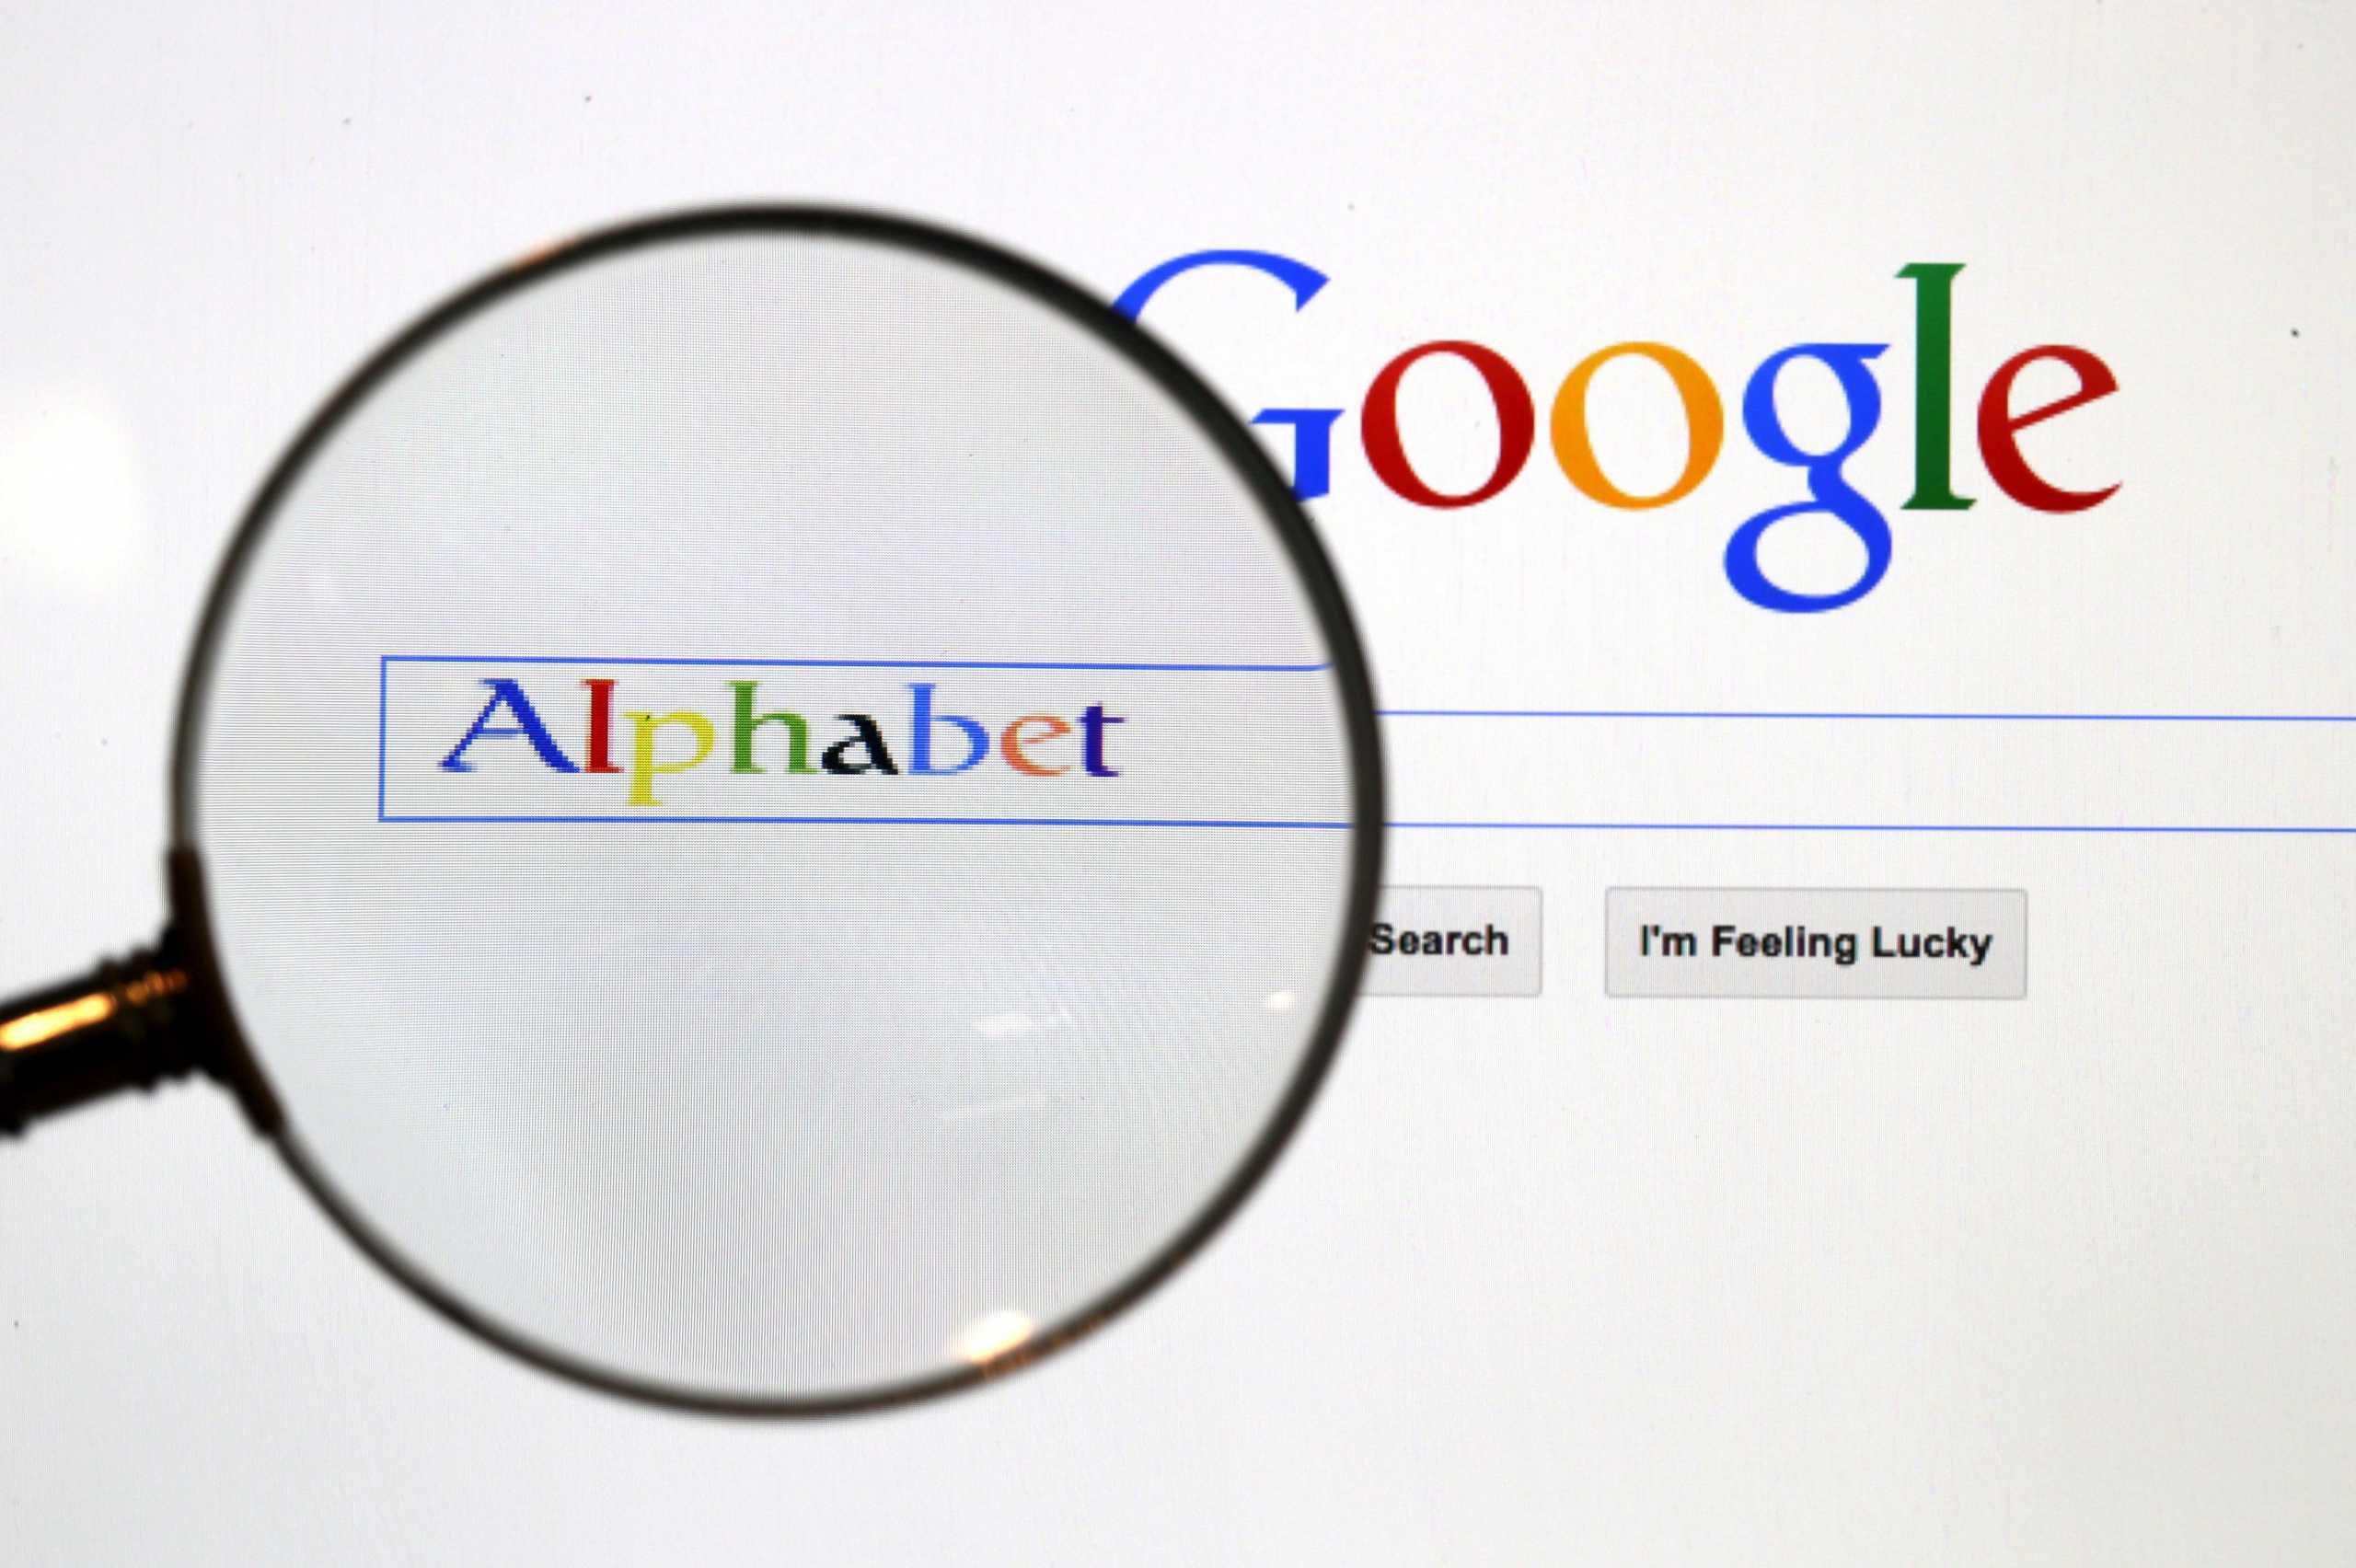 Dr «Google»: Βοηθά τους ασθενείς η αναζήτηση των συμπτωμάτων τους; Τι λένε οι ειδικοί